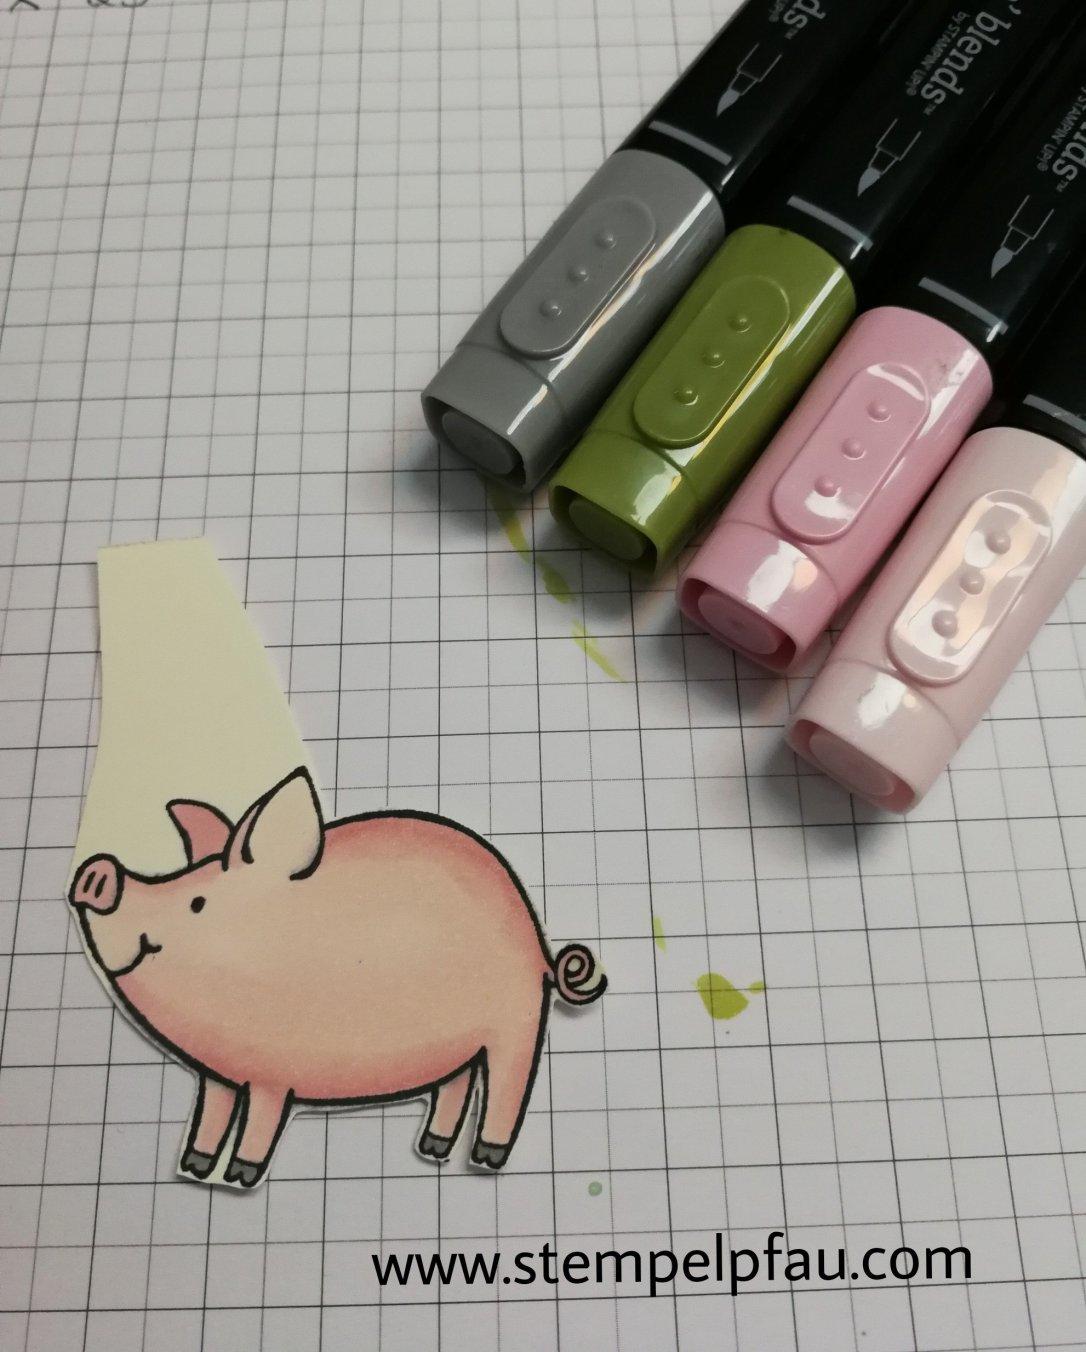 Schweinchen und Stampin' Blends von Stampin' Up!